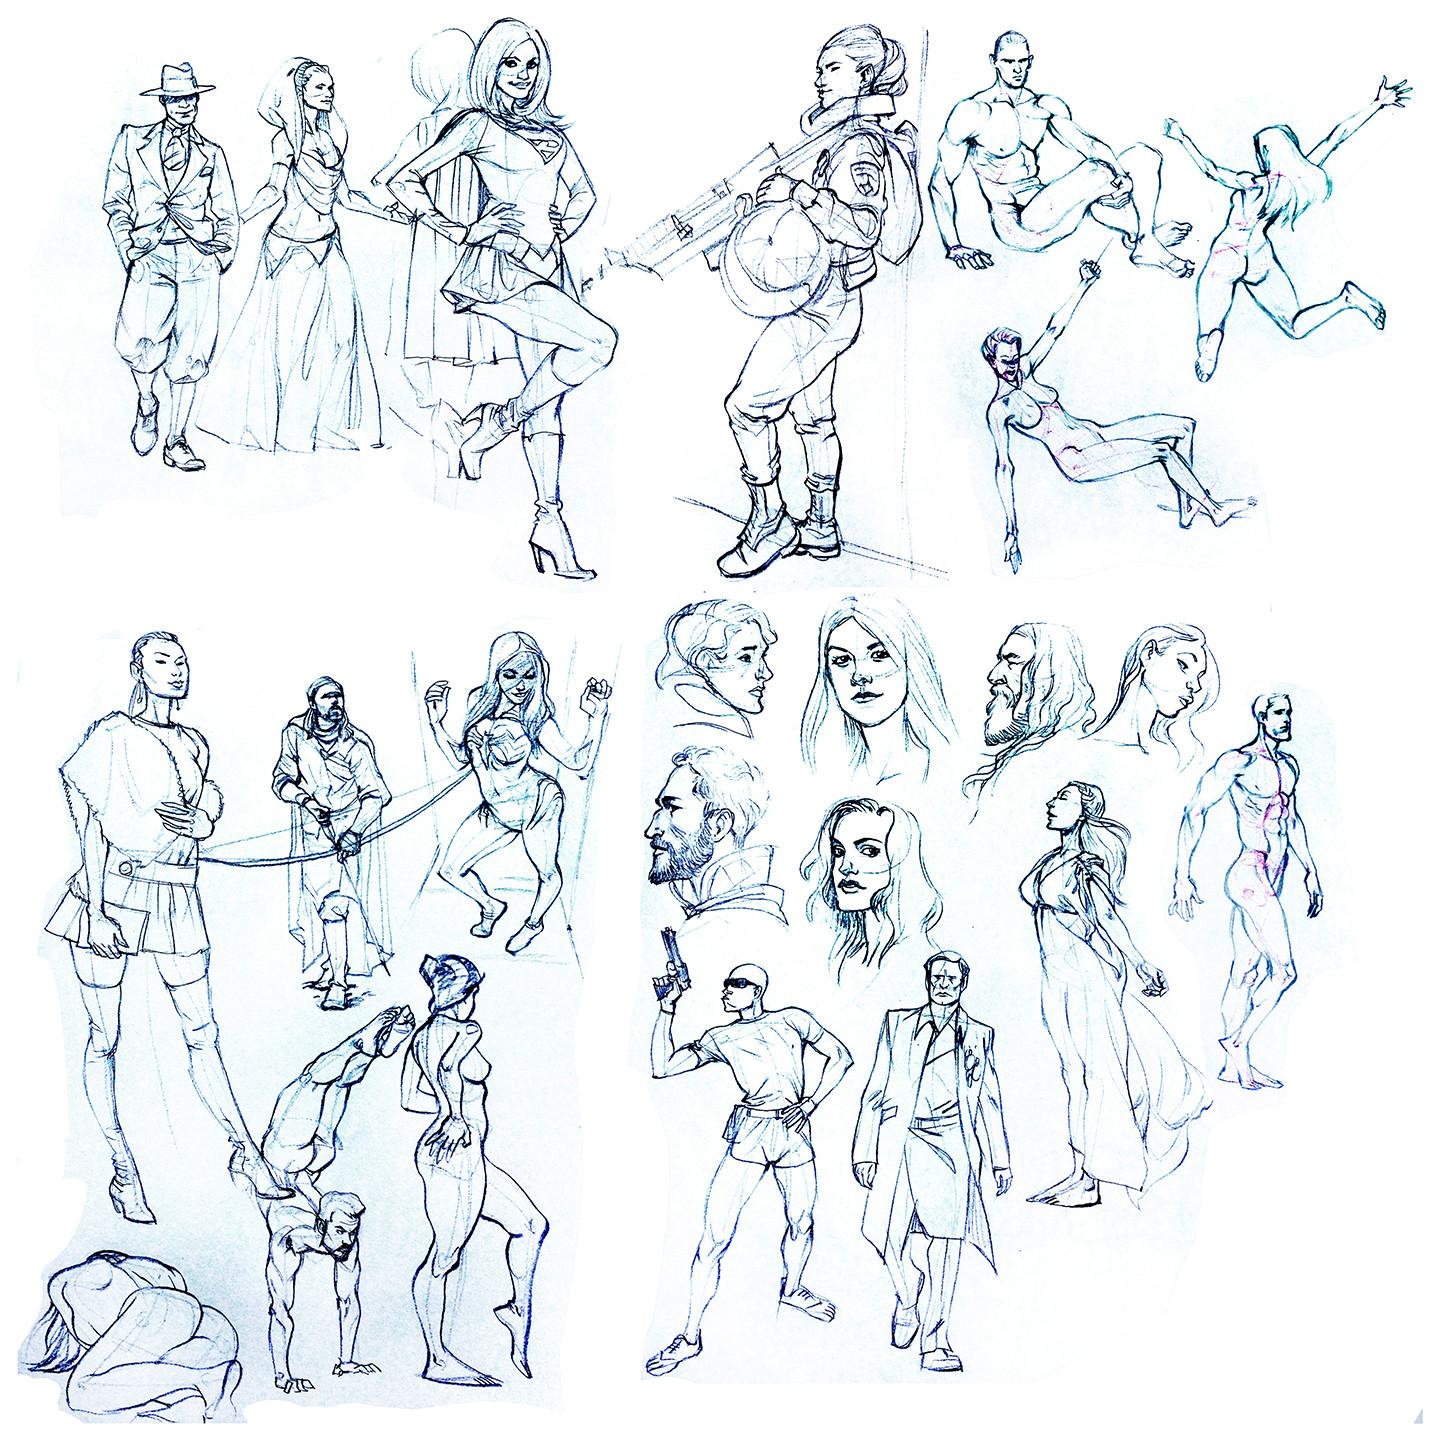 Matt rhodes sketchbookstudies july2017